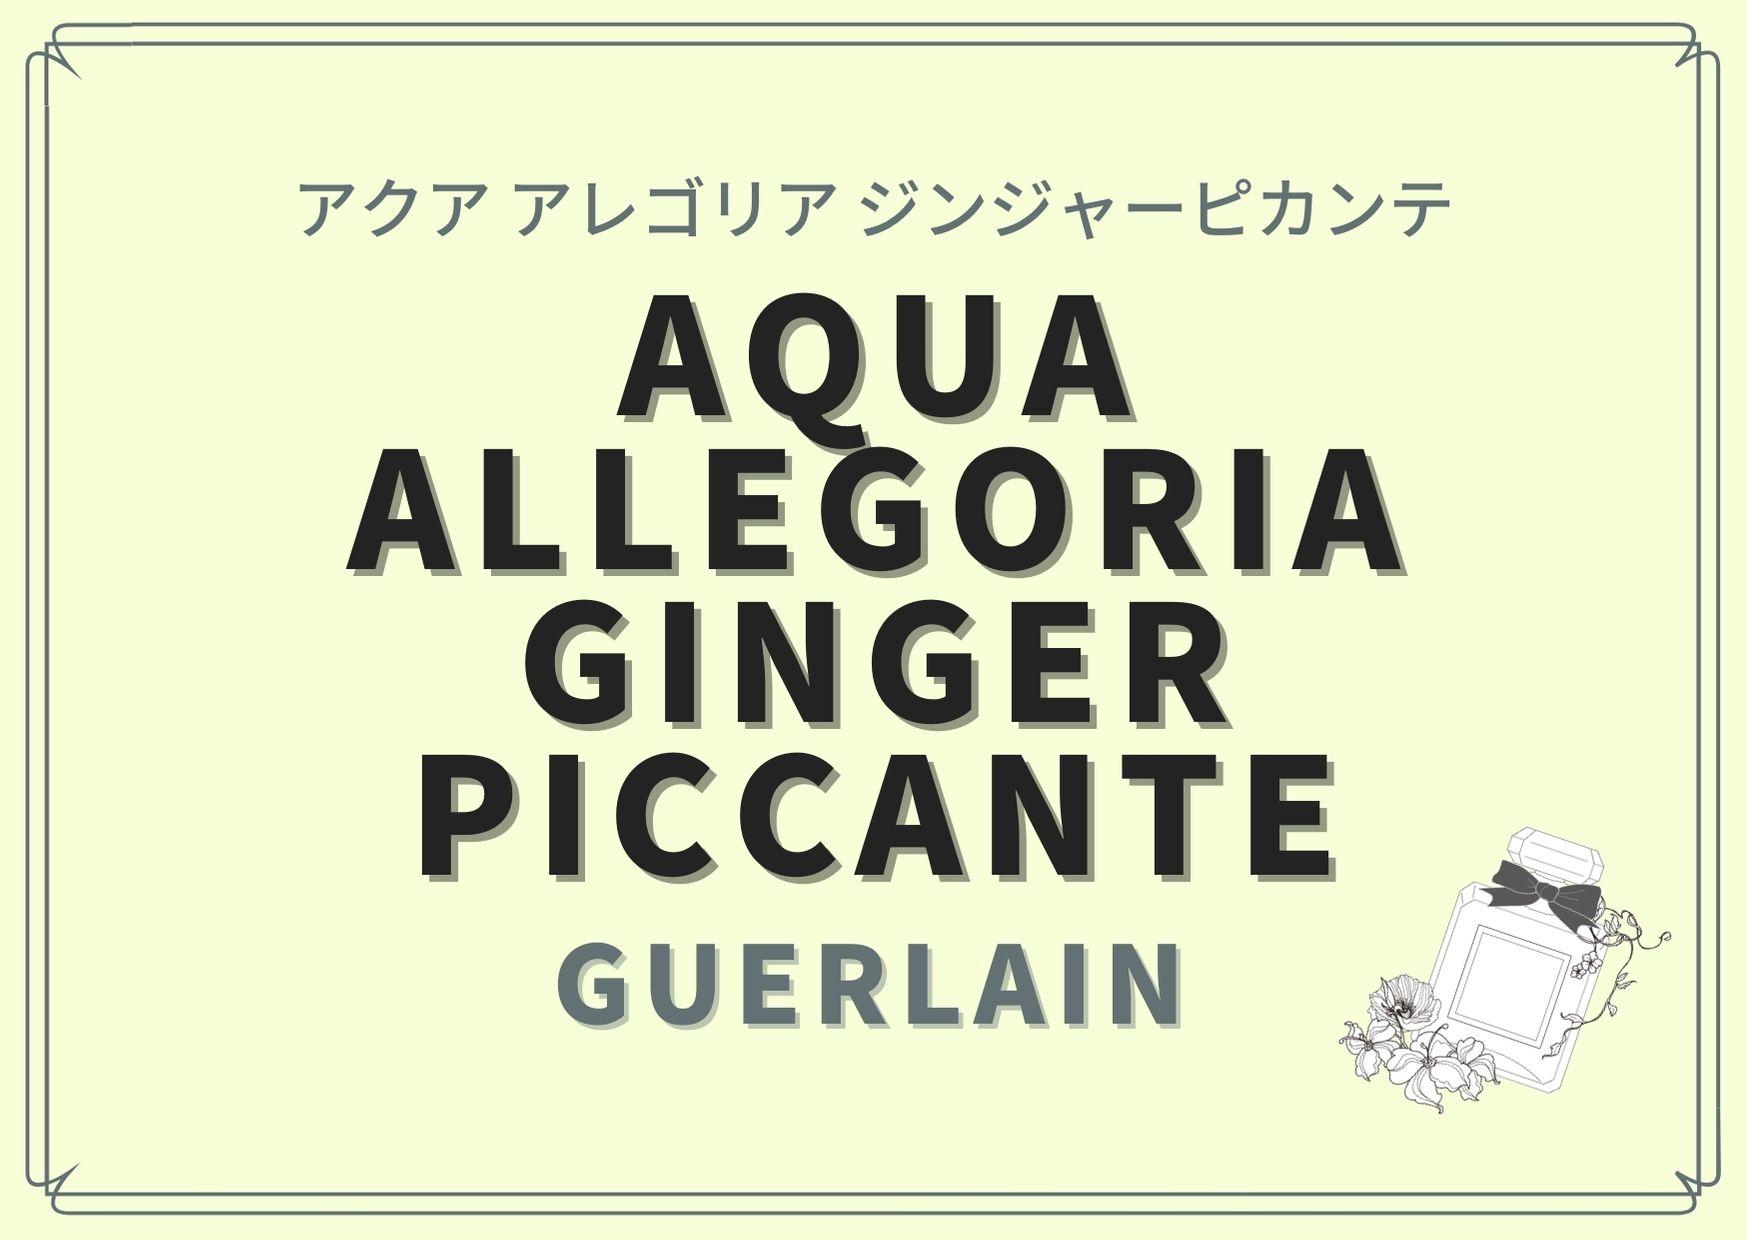 AQUA ALLEGORIA GINGER PICCANTE (アクア アレゴリア  ジンジャーピカンテ)/GUERLAIN(ゲラン)